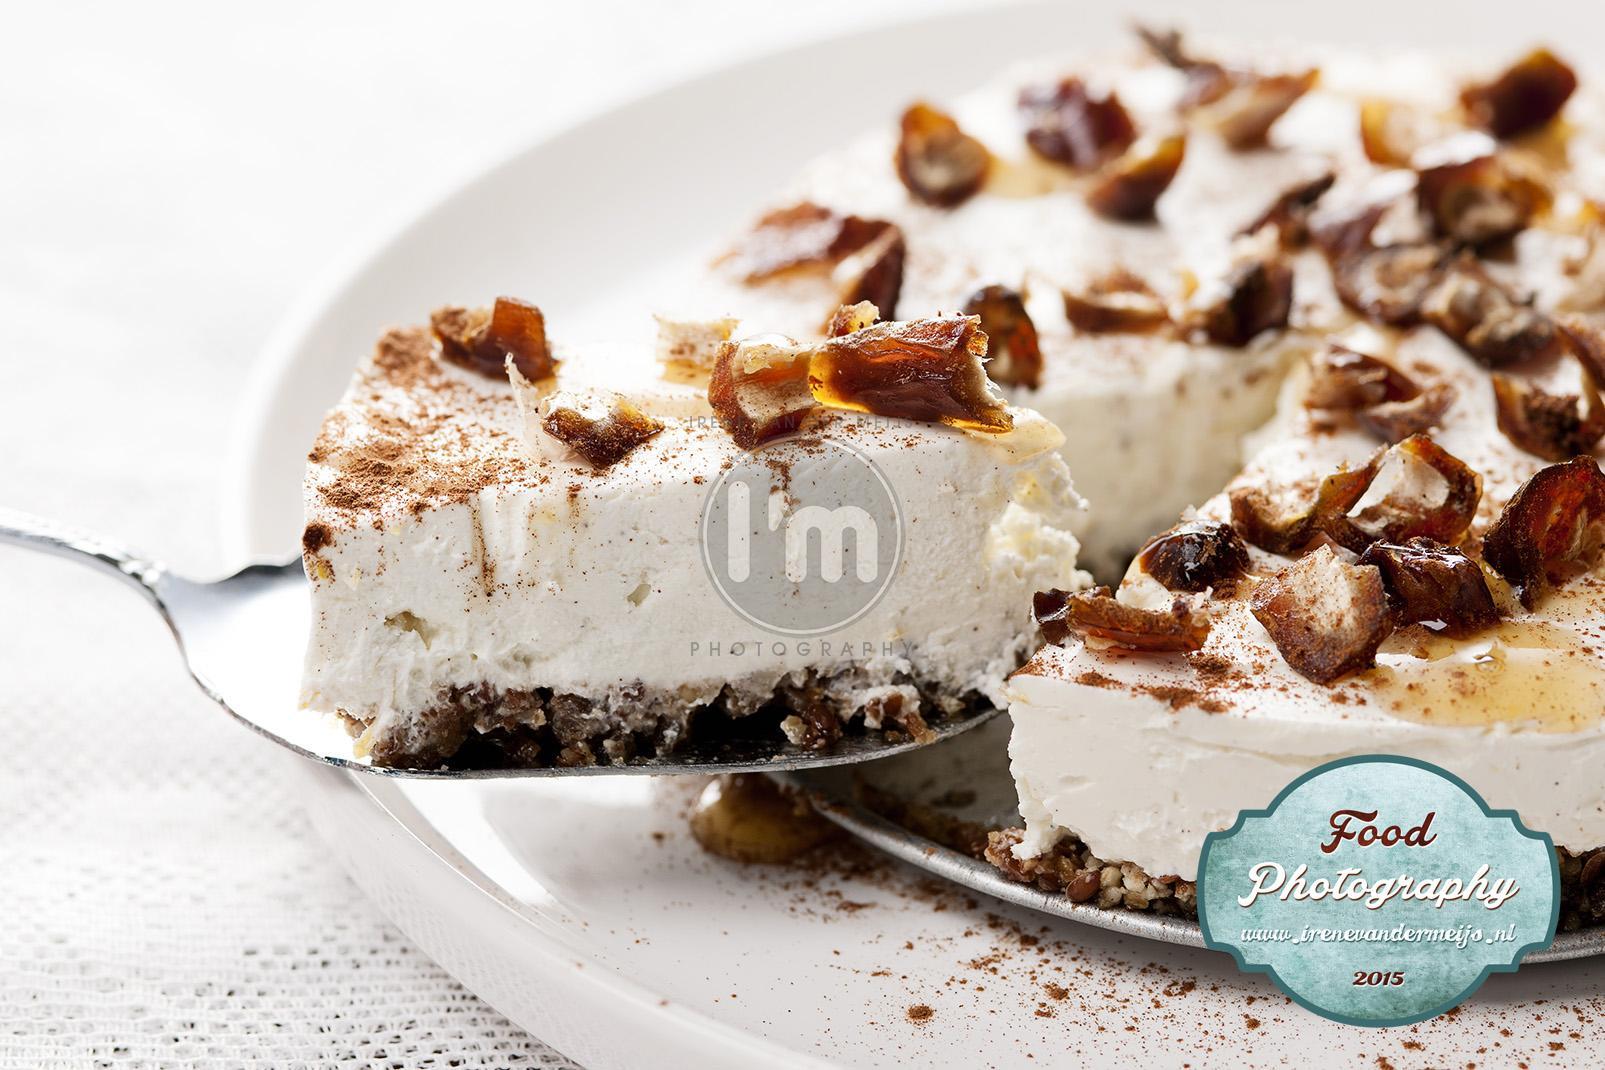 Foodfotografie van recepten voor gebak, taart, cake, koekjes, bonbons en ijs